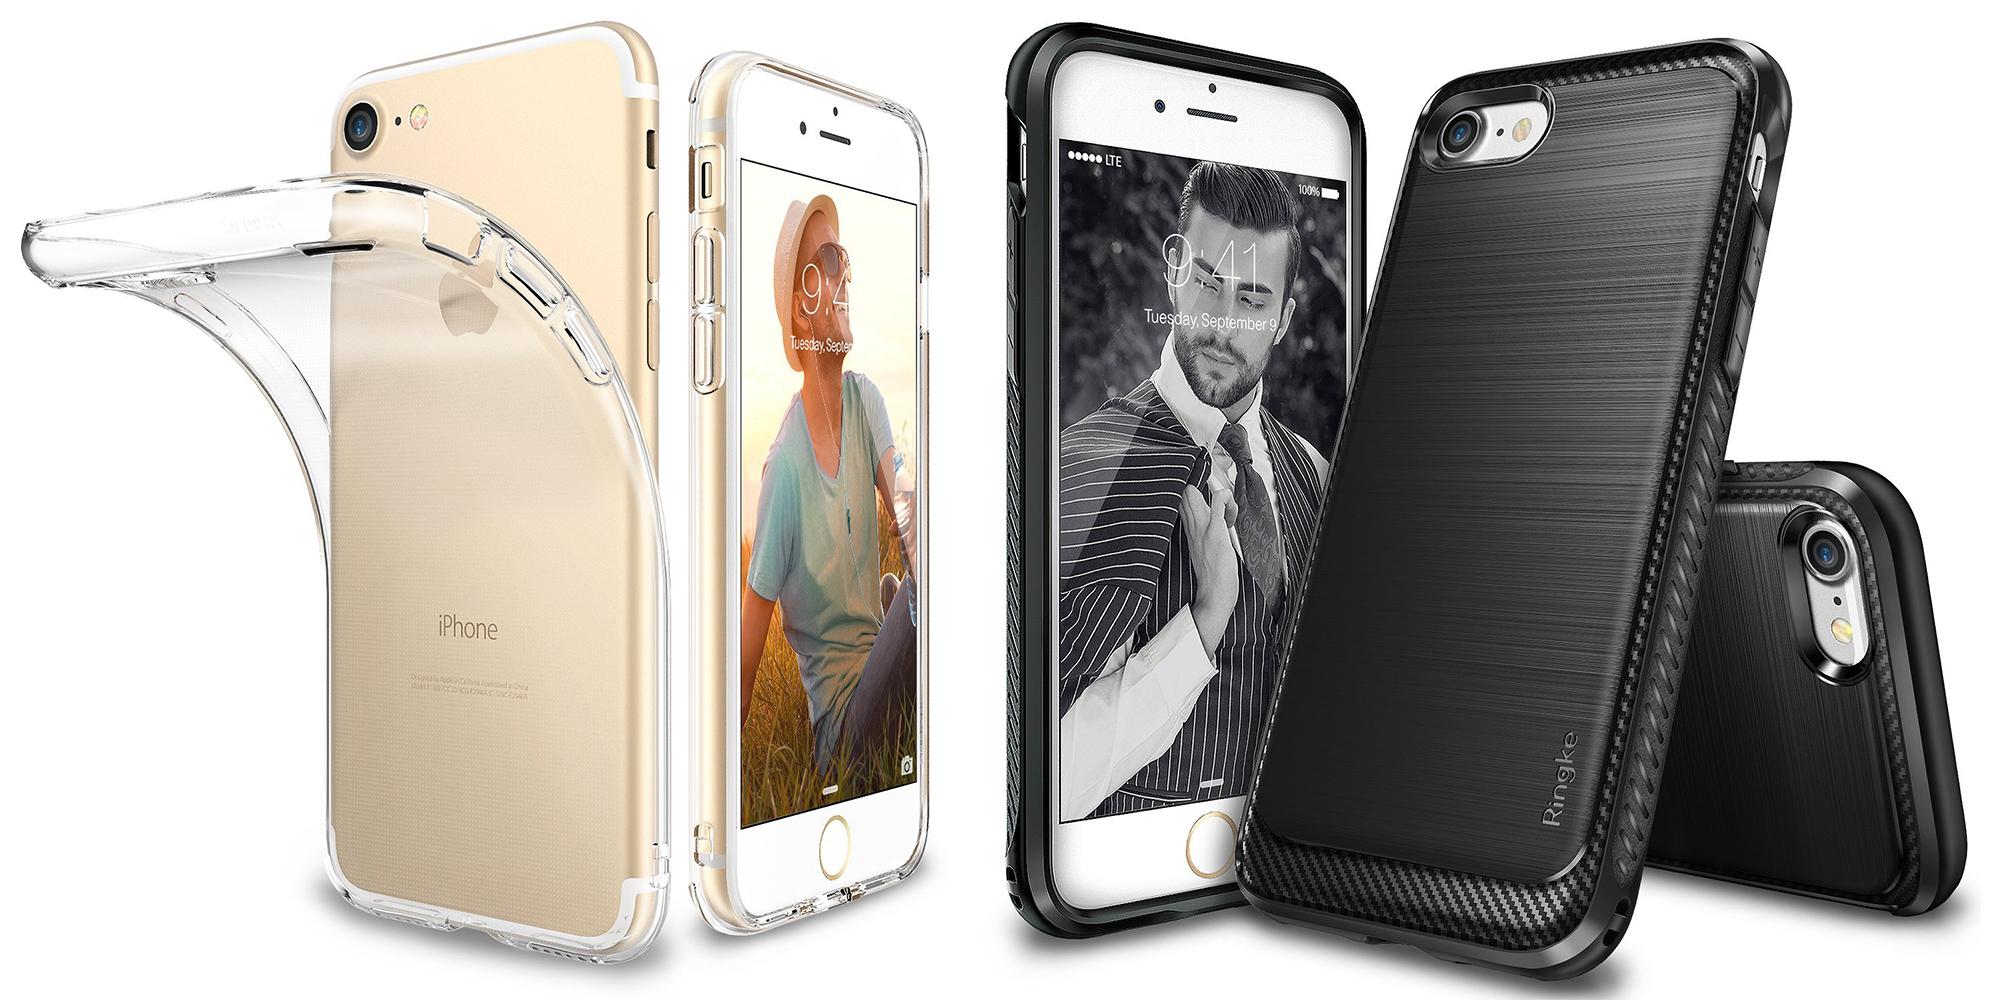 iphone7-plus-ringke-cases